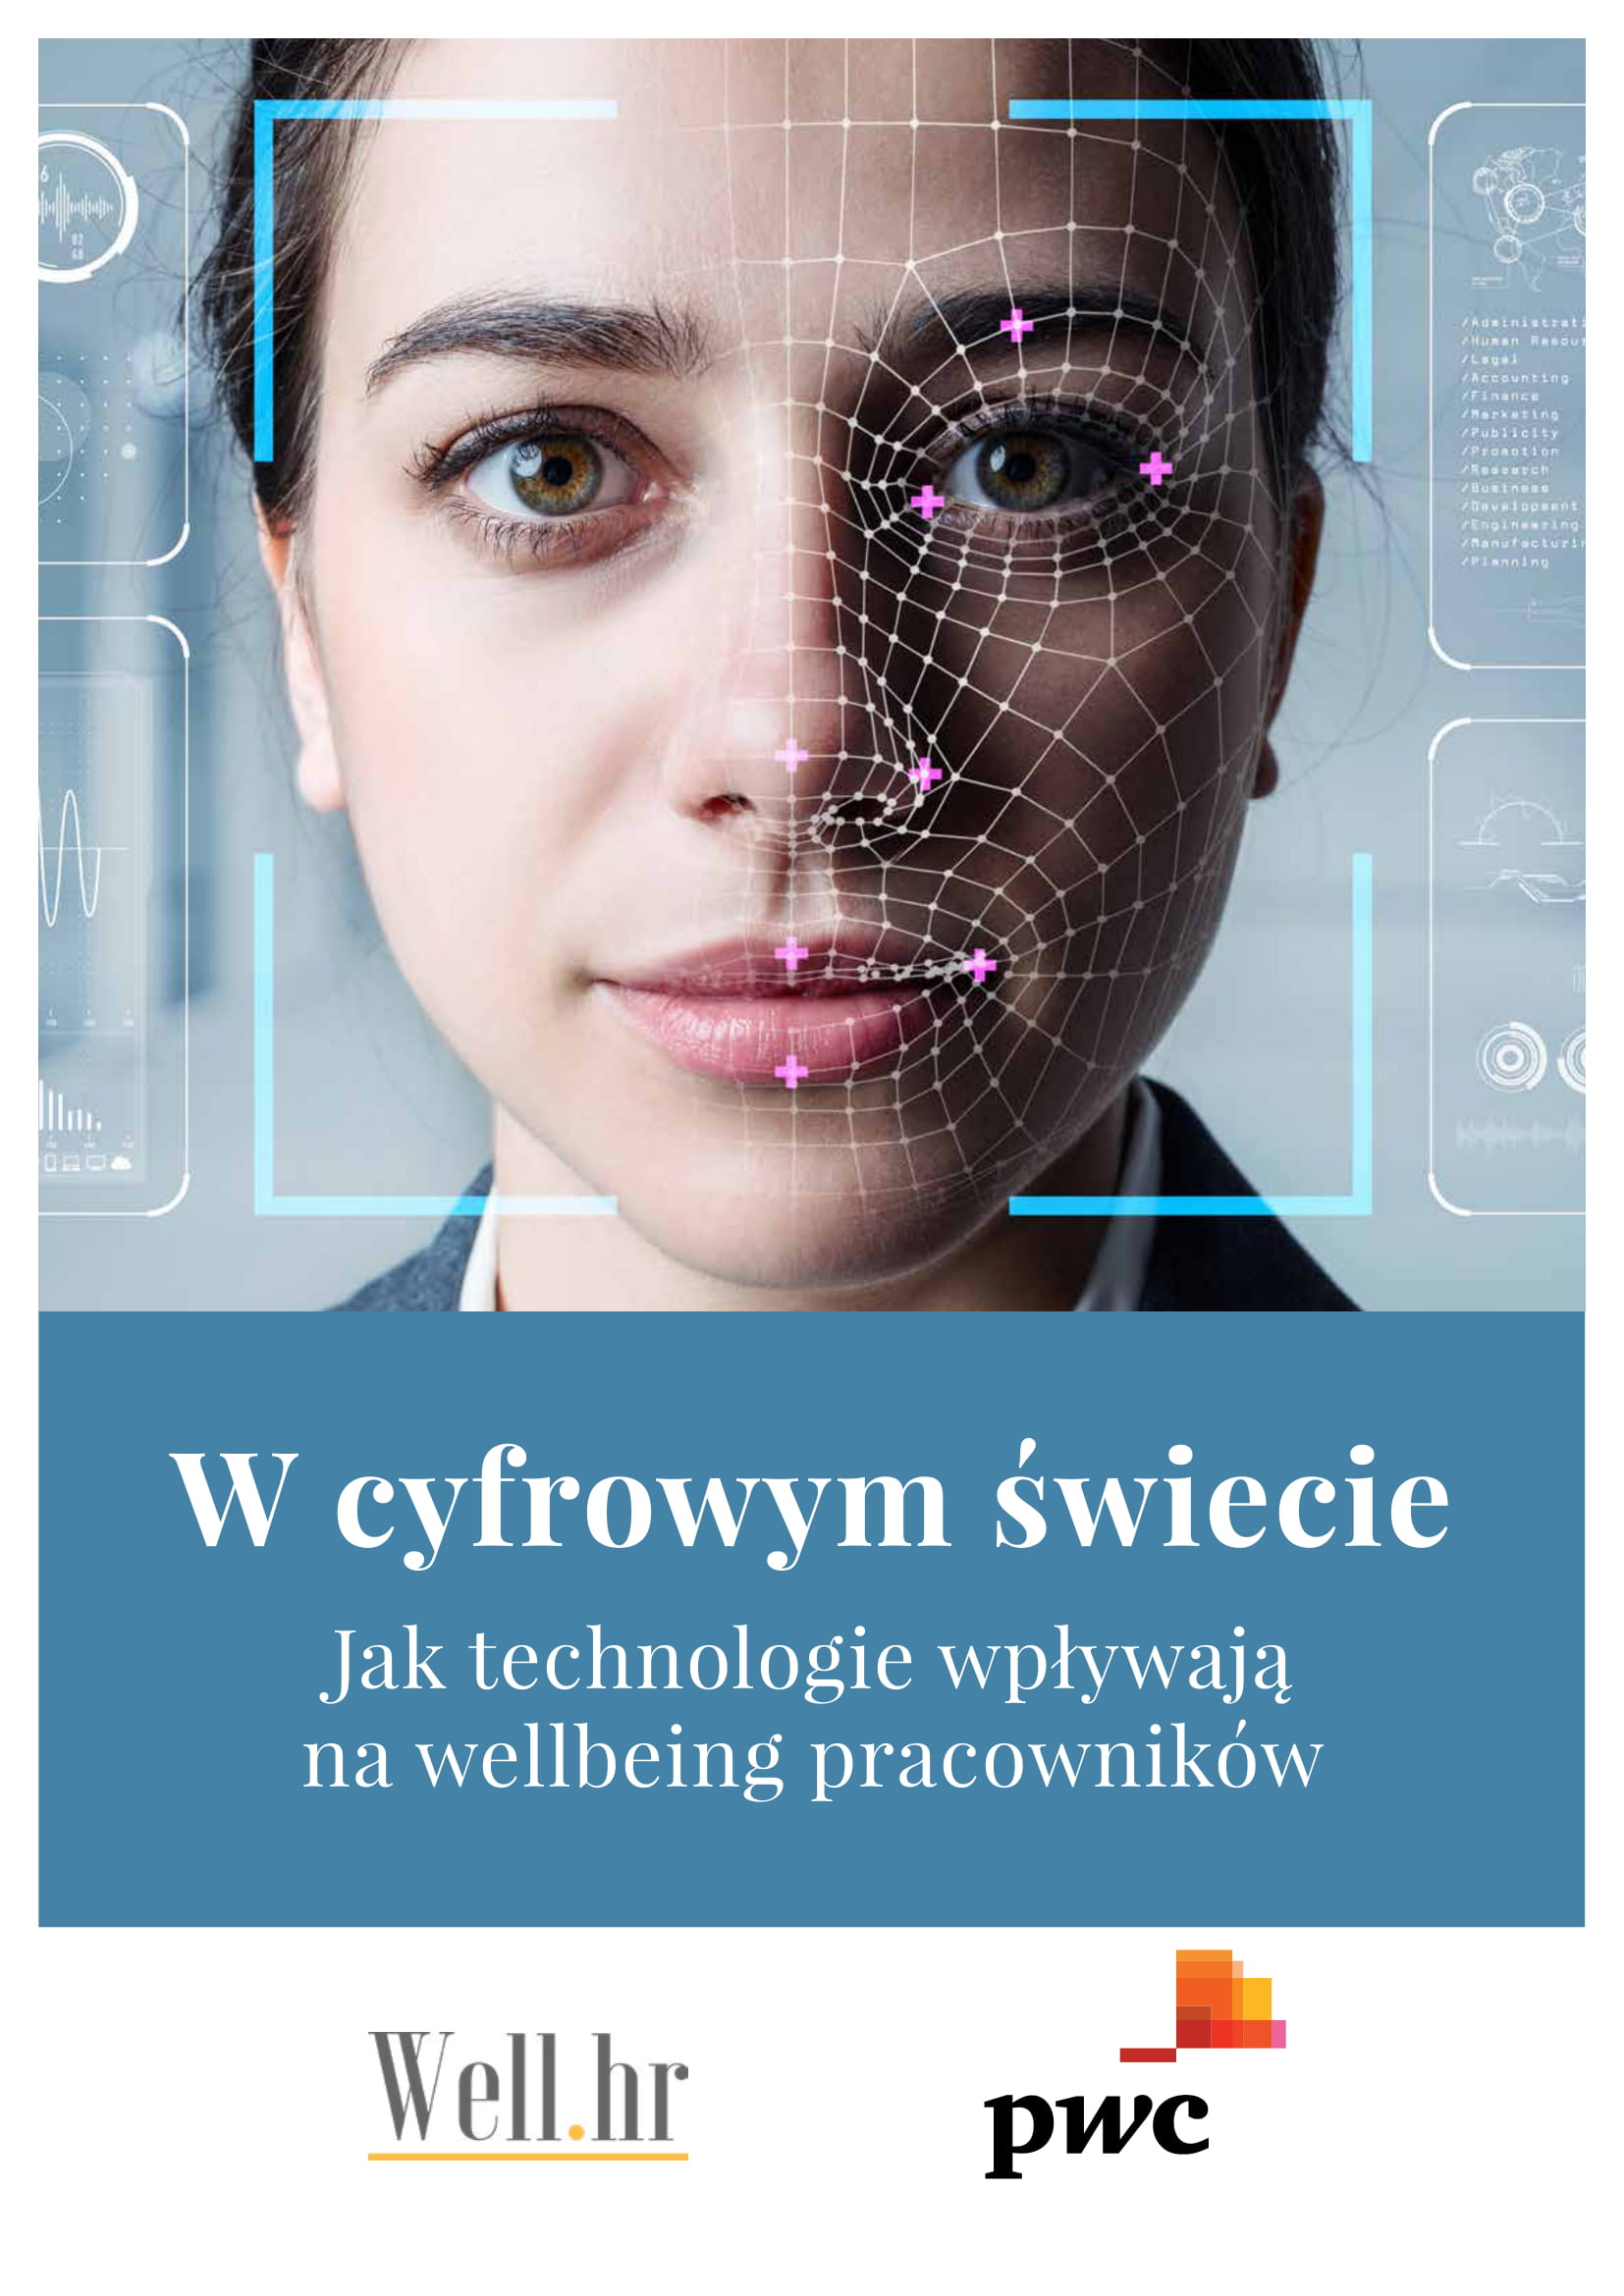 """raport, Raport """"W cyfrowym świecie. Jak technologie wpływają nawellbeing pracowników?"""" podpatronatem Krajowego Centrum"""